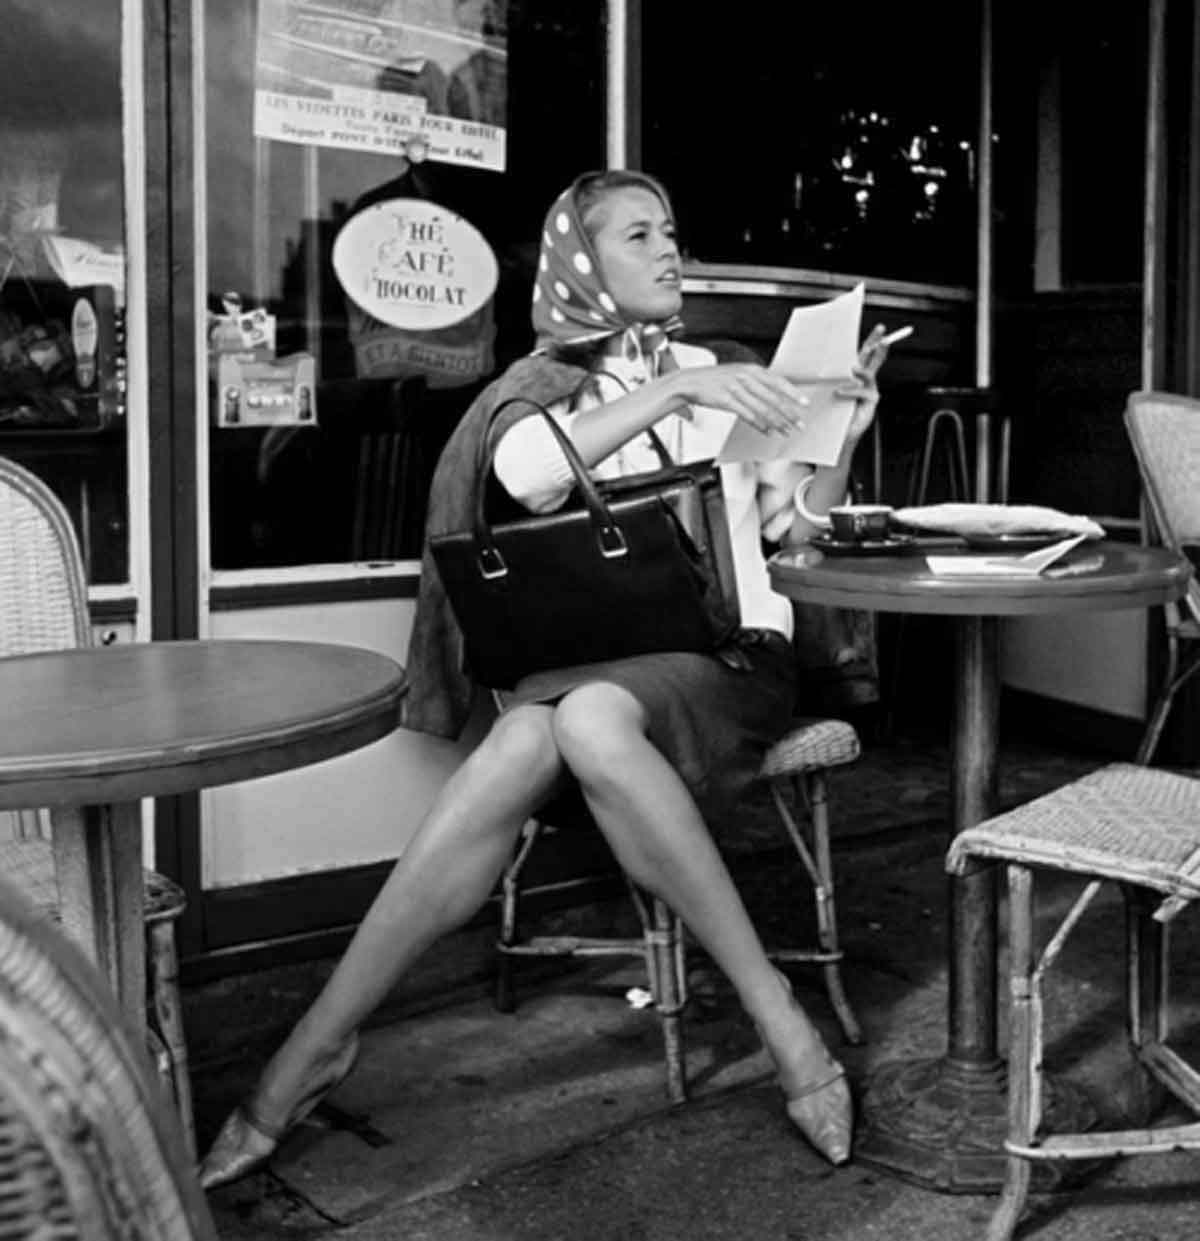 Caf Paris